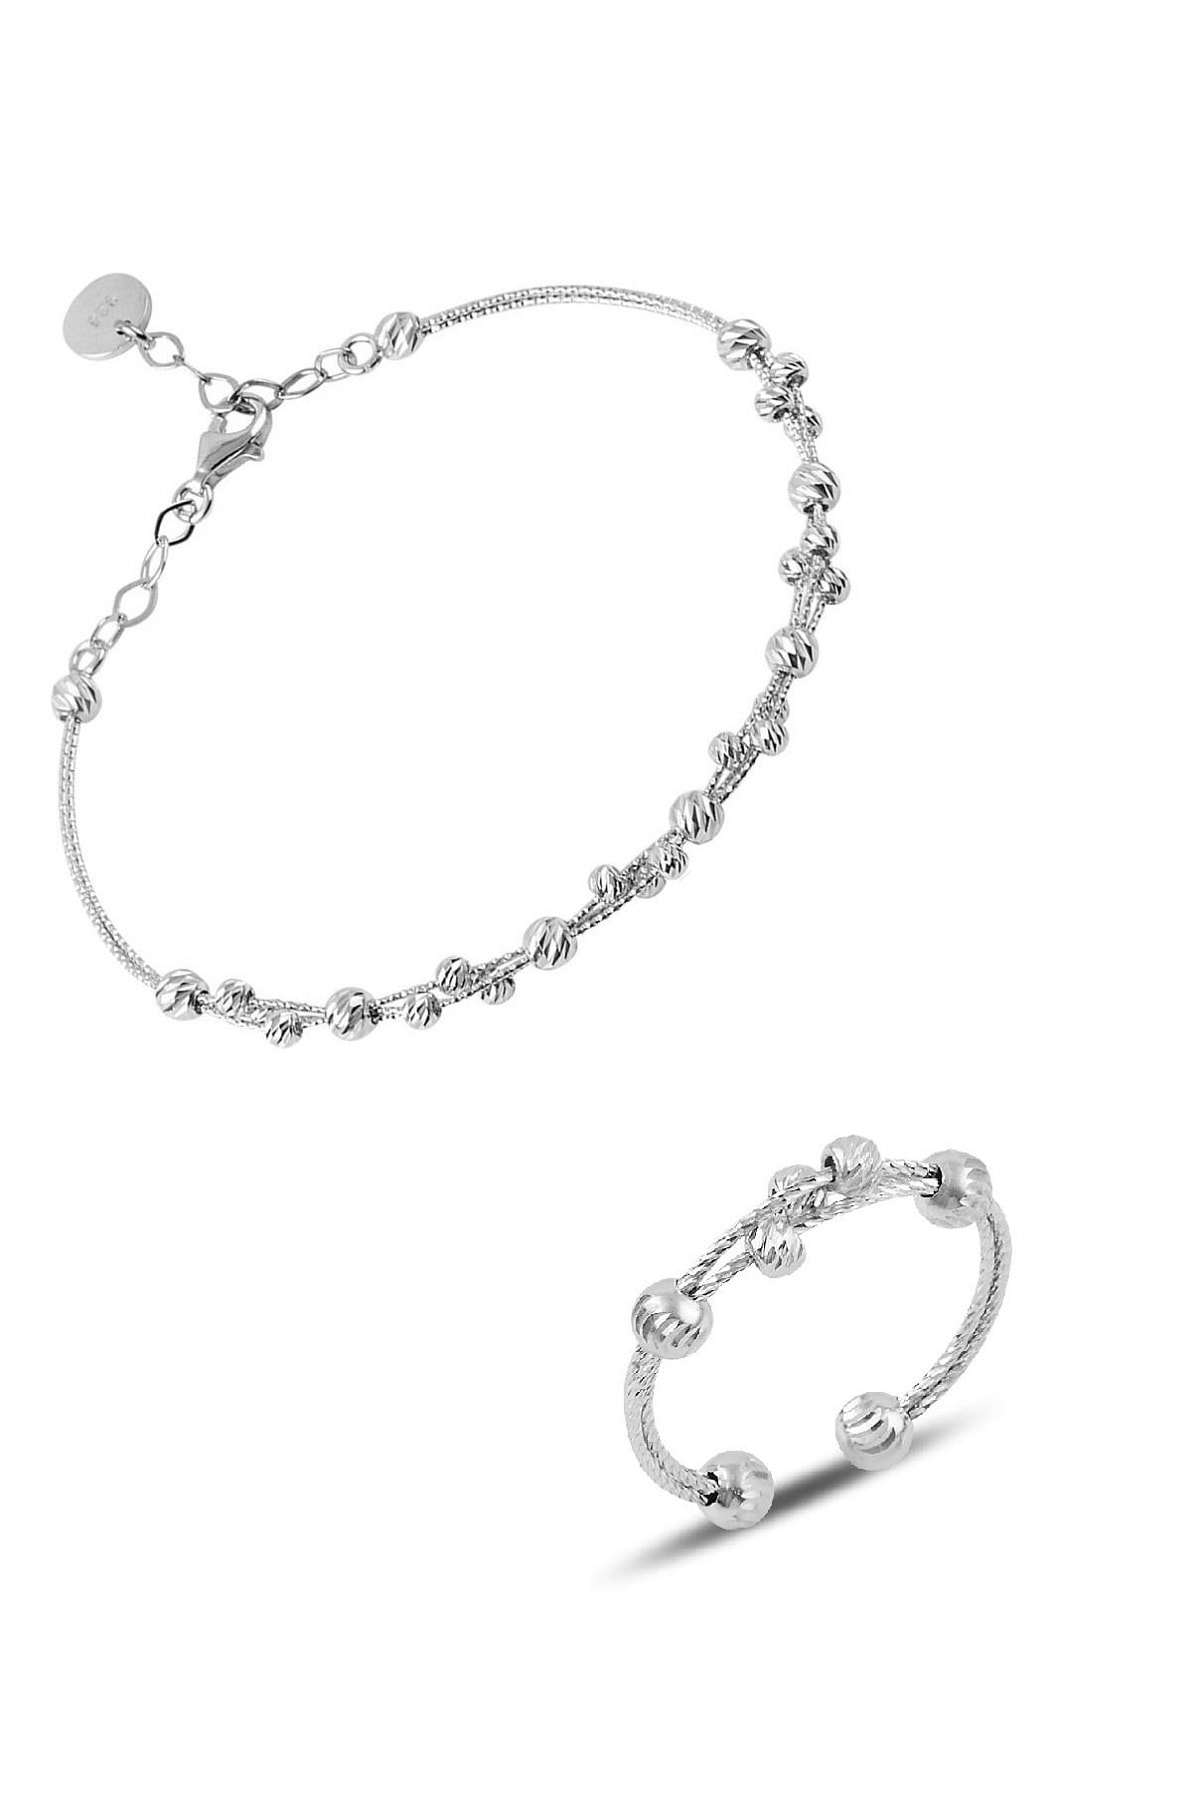 Söğütlü Silver Gümüş dorissa rodyumlu gümüş bilezik ve yüzük gümüş set